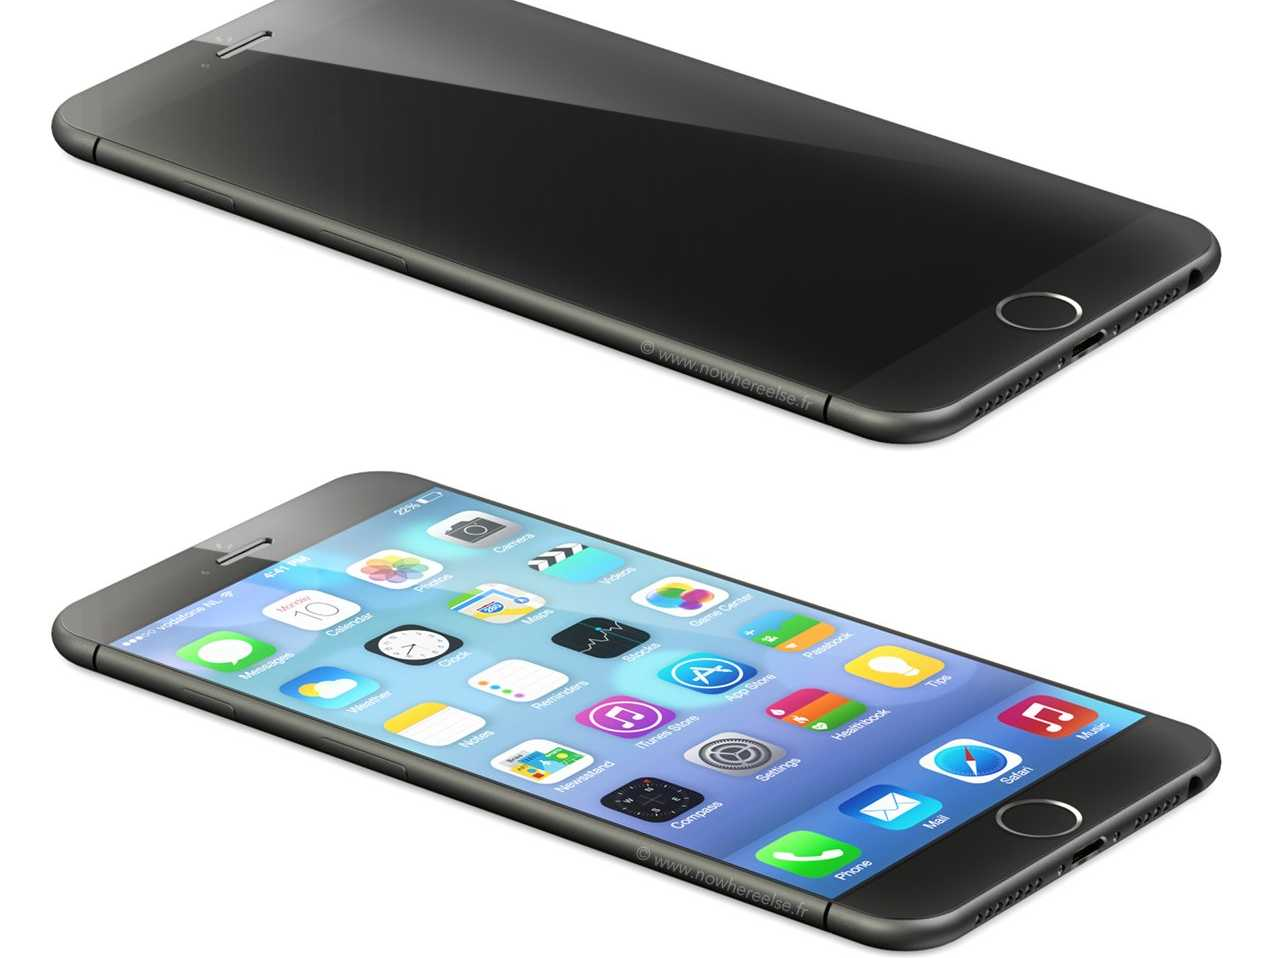 dos iphone 6 apple iosxtreme